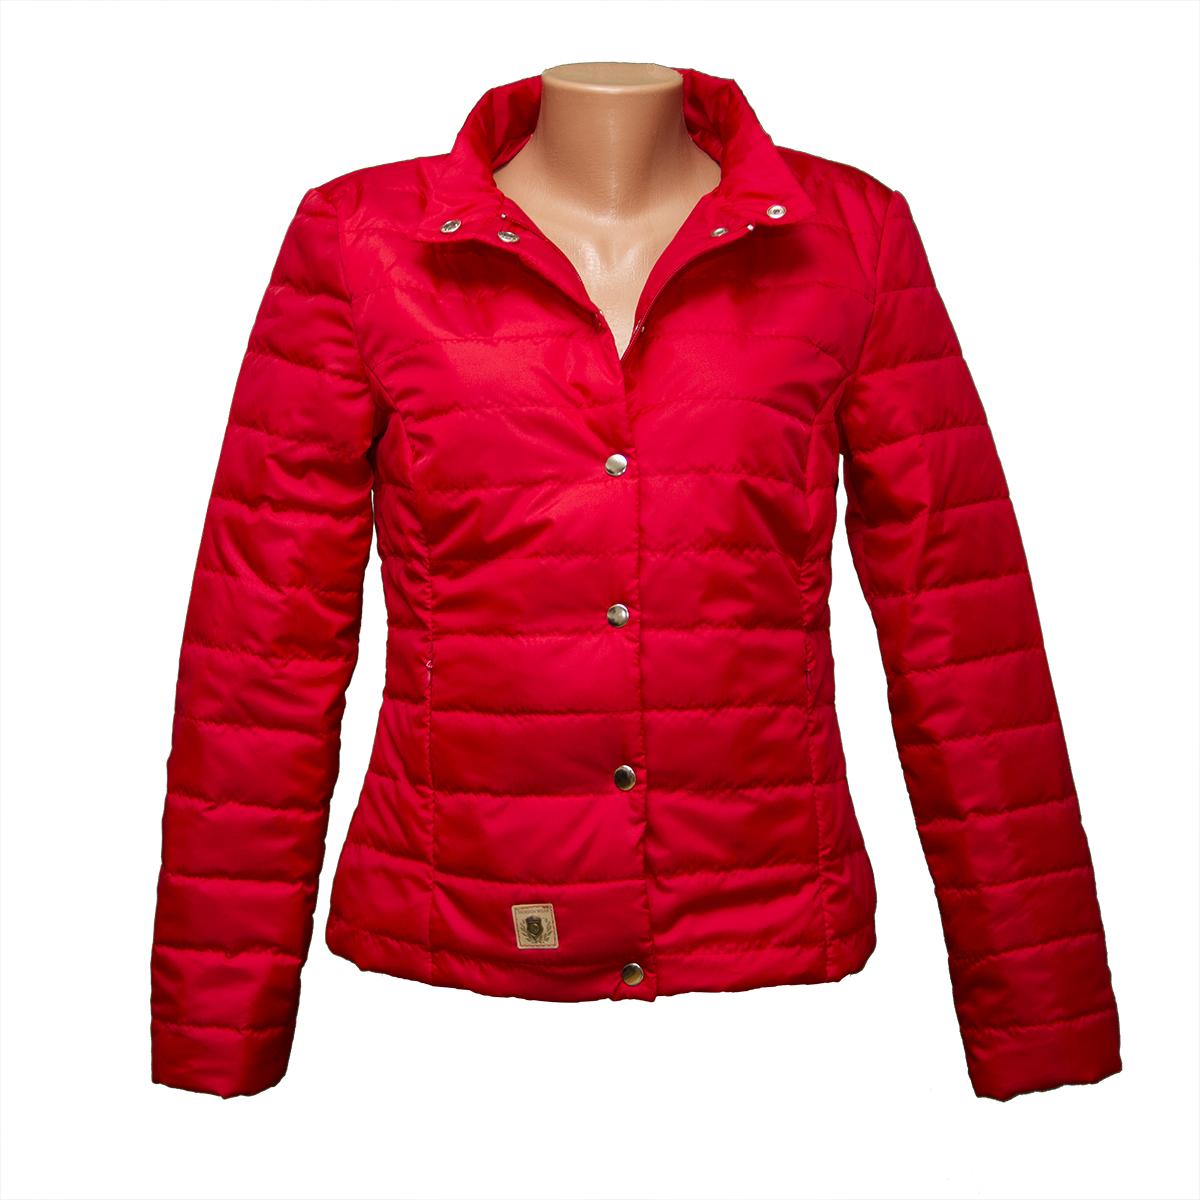 9d963f2589f Куртка женская весенняя производства Украина недорого KD1375 оптом и ...